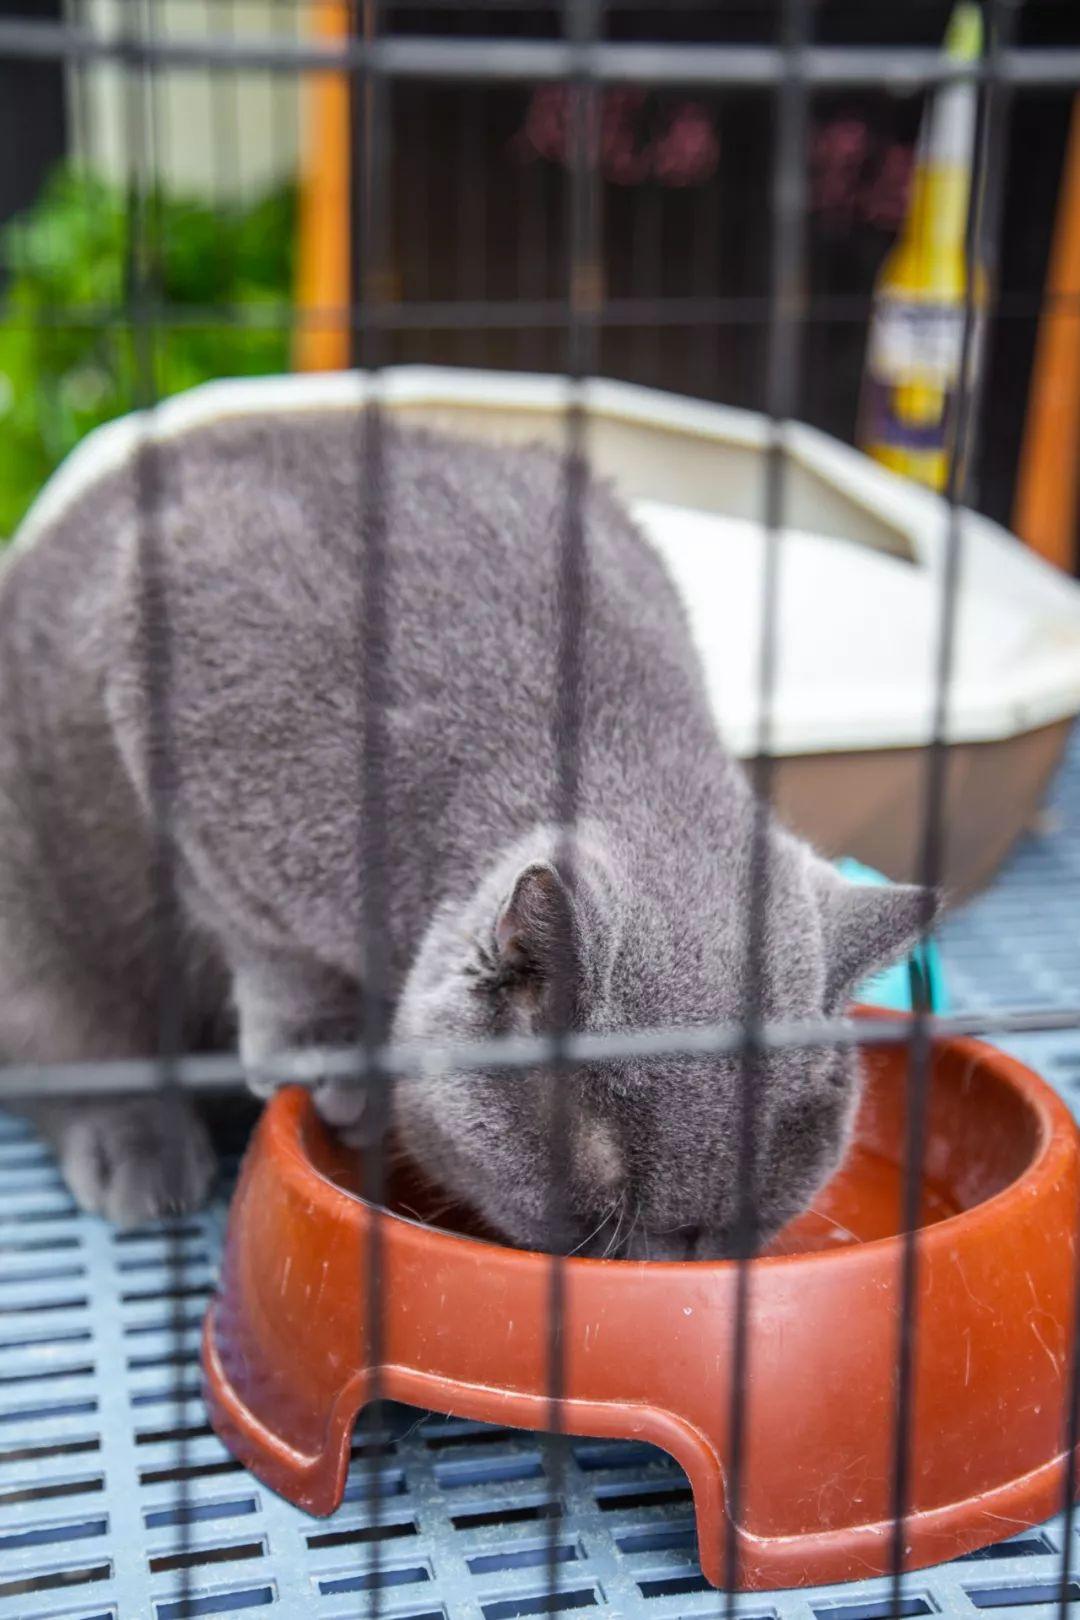 小撸撸人免播改fj_藏身五大道自带小花园的西餐厅,撸猫星人强势打卡!